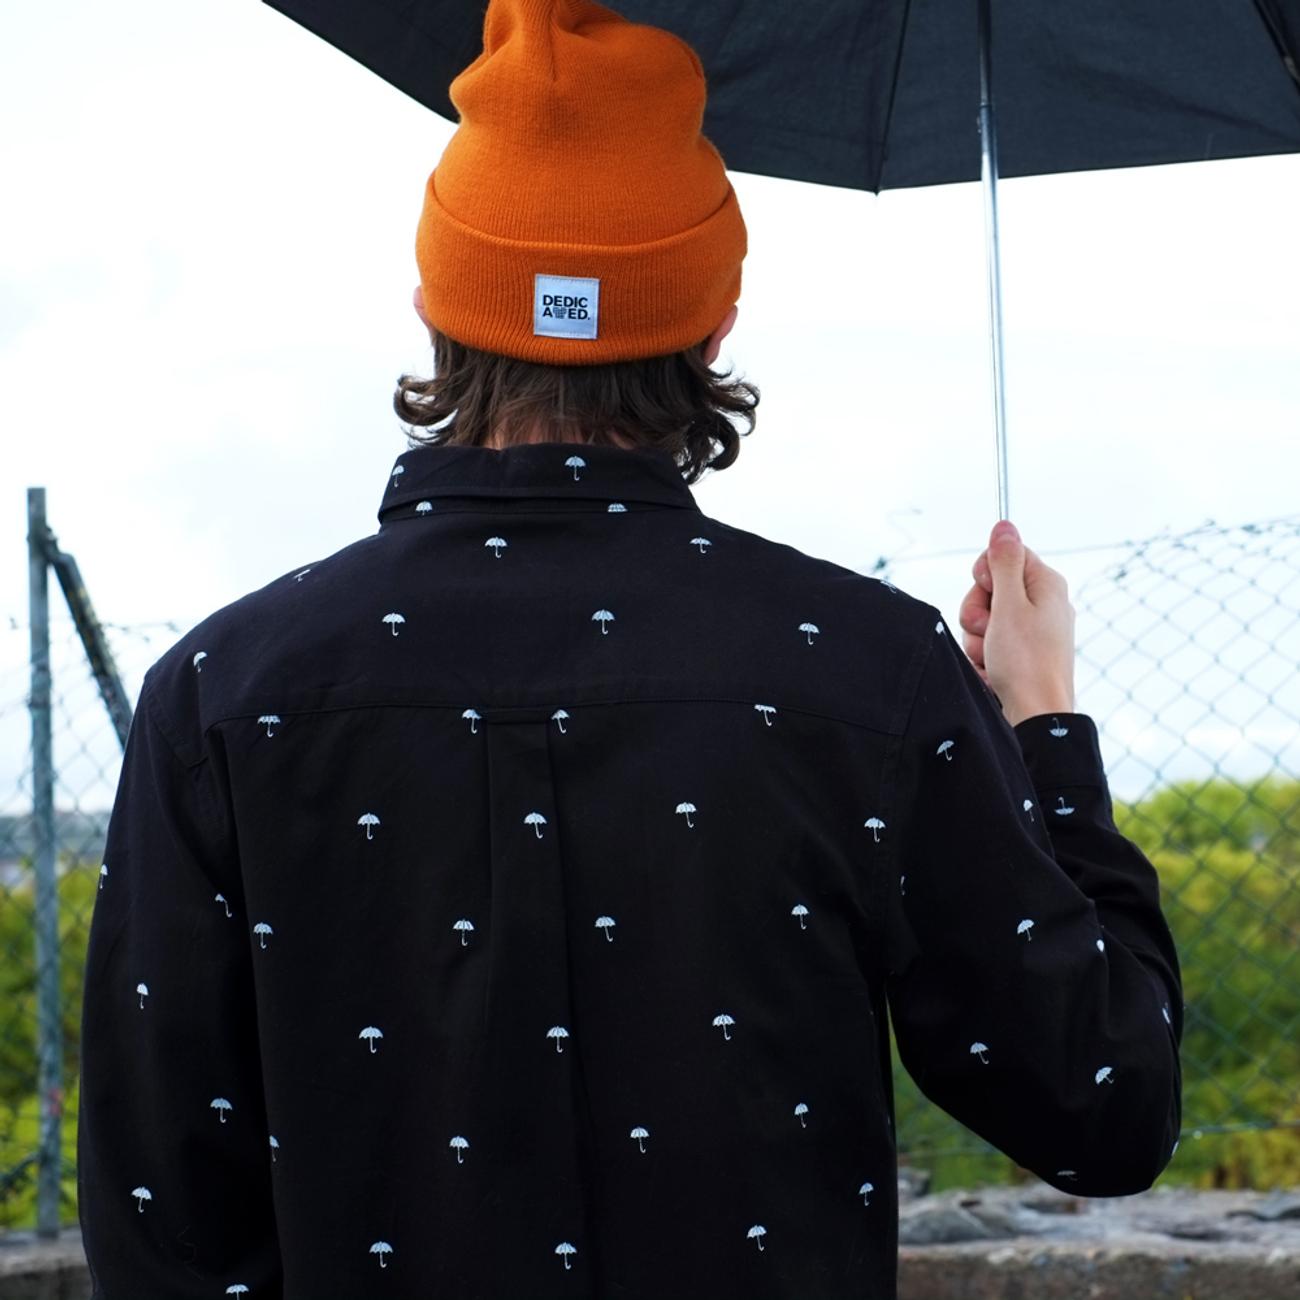 Shirt Umbrellas